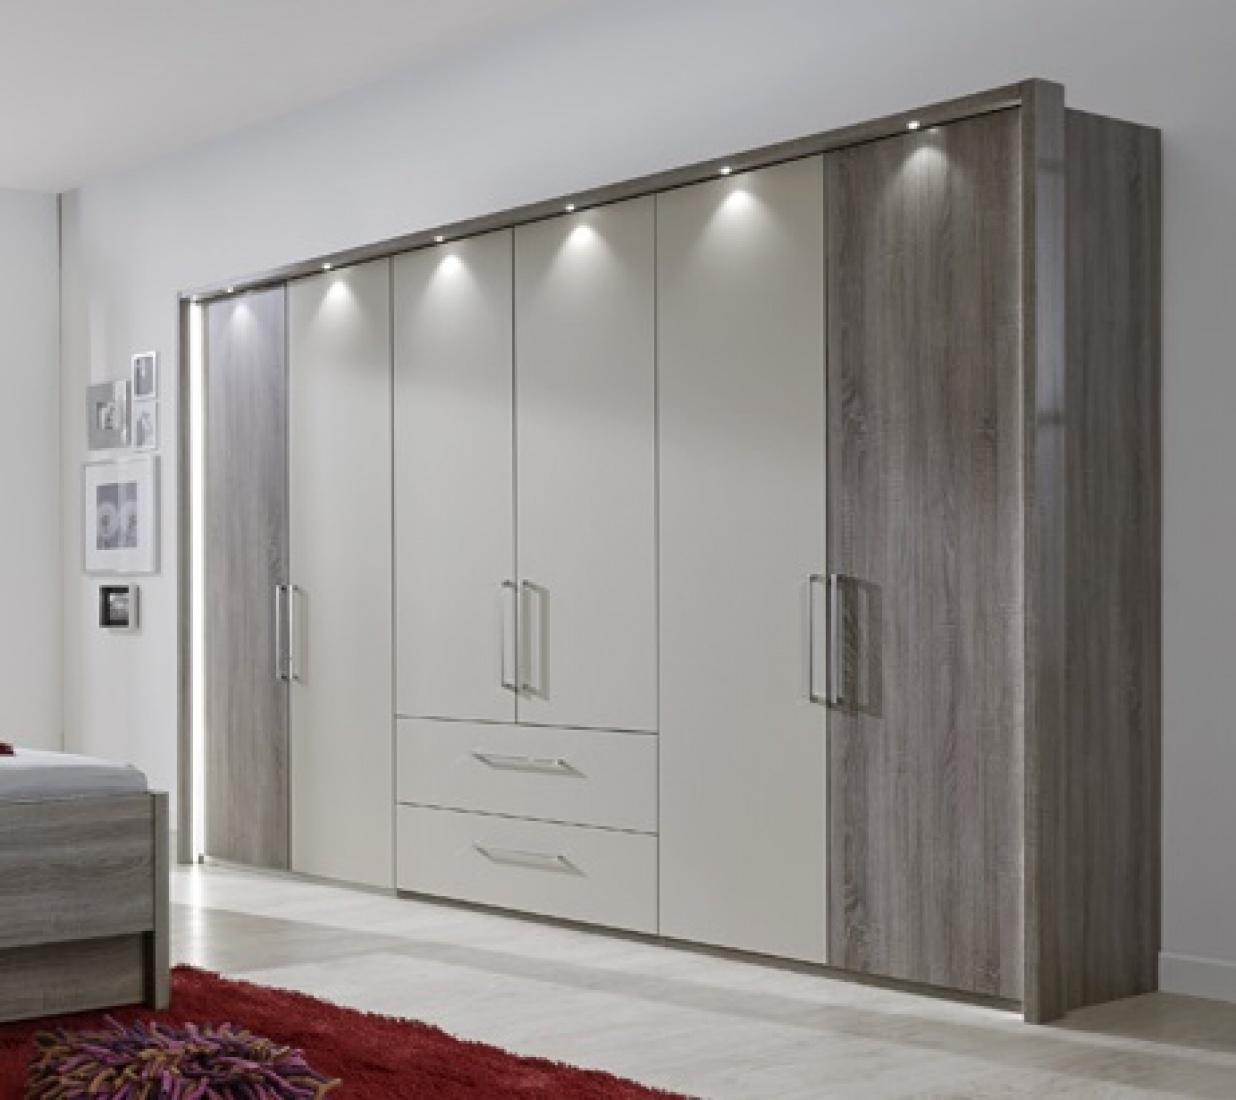 Kleiderschrank Delina In Truffeleiche 300 Cm Kaufen Bei Mobel Lux